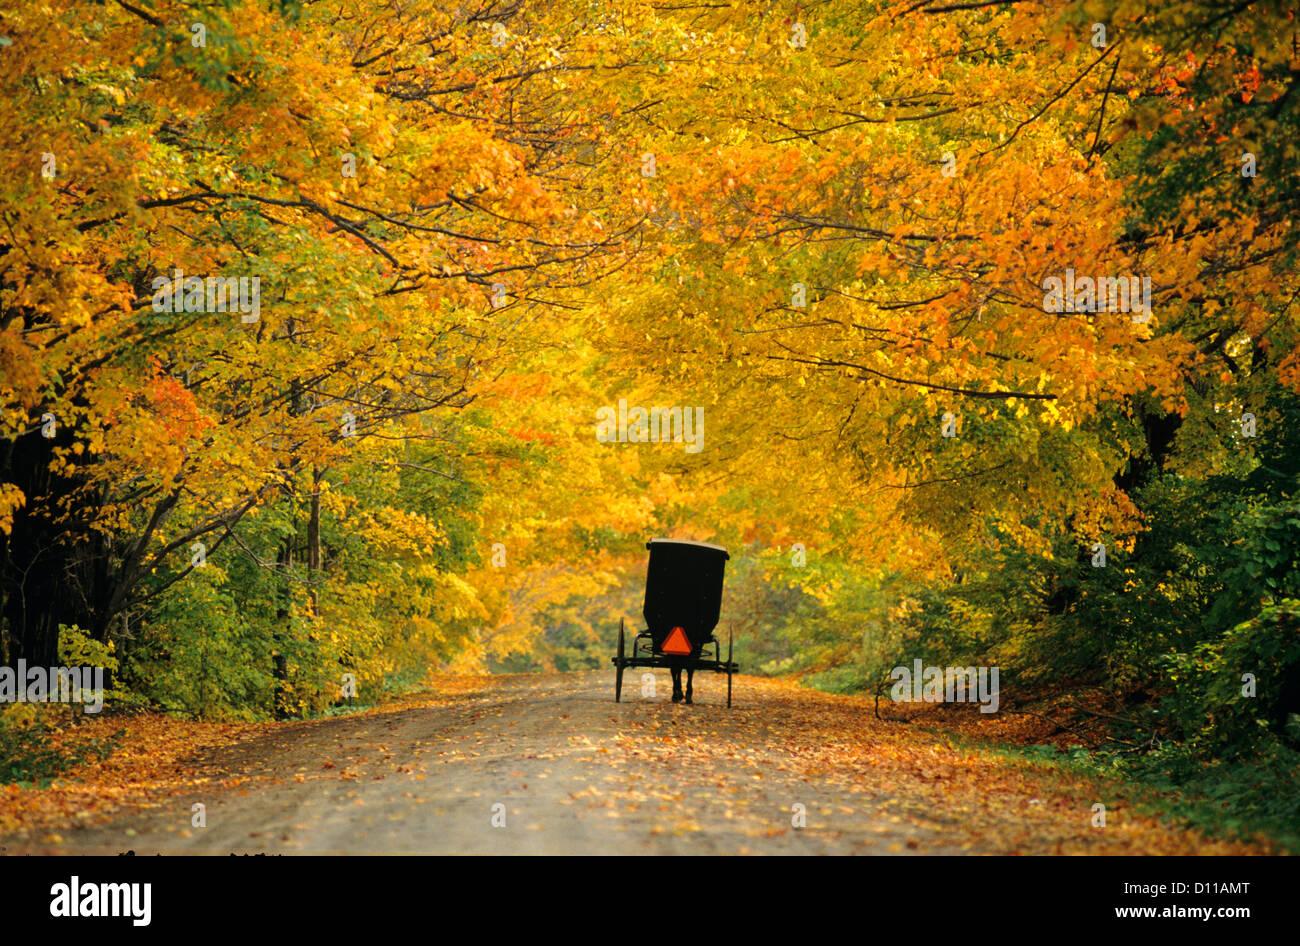 ⭐️ Cảnh Đẹp Mùa Xuân Trên Thế Giới ⭐️ 1990s-western-new-york-conewango-valley-amish-buggy-on-autumn-road-D11AMT